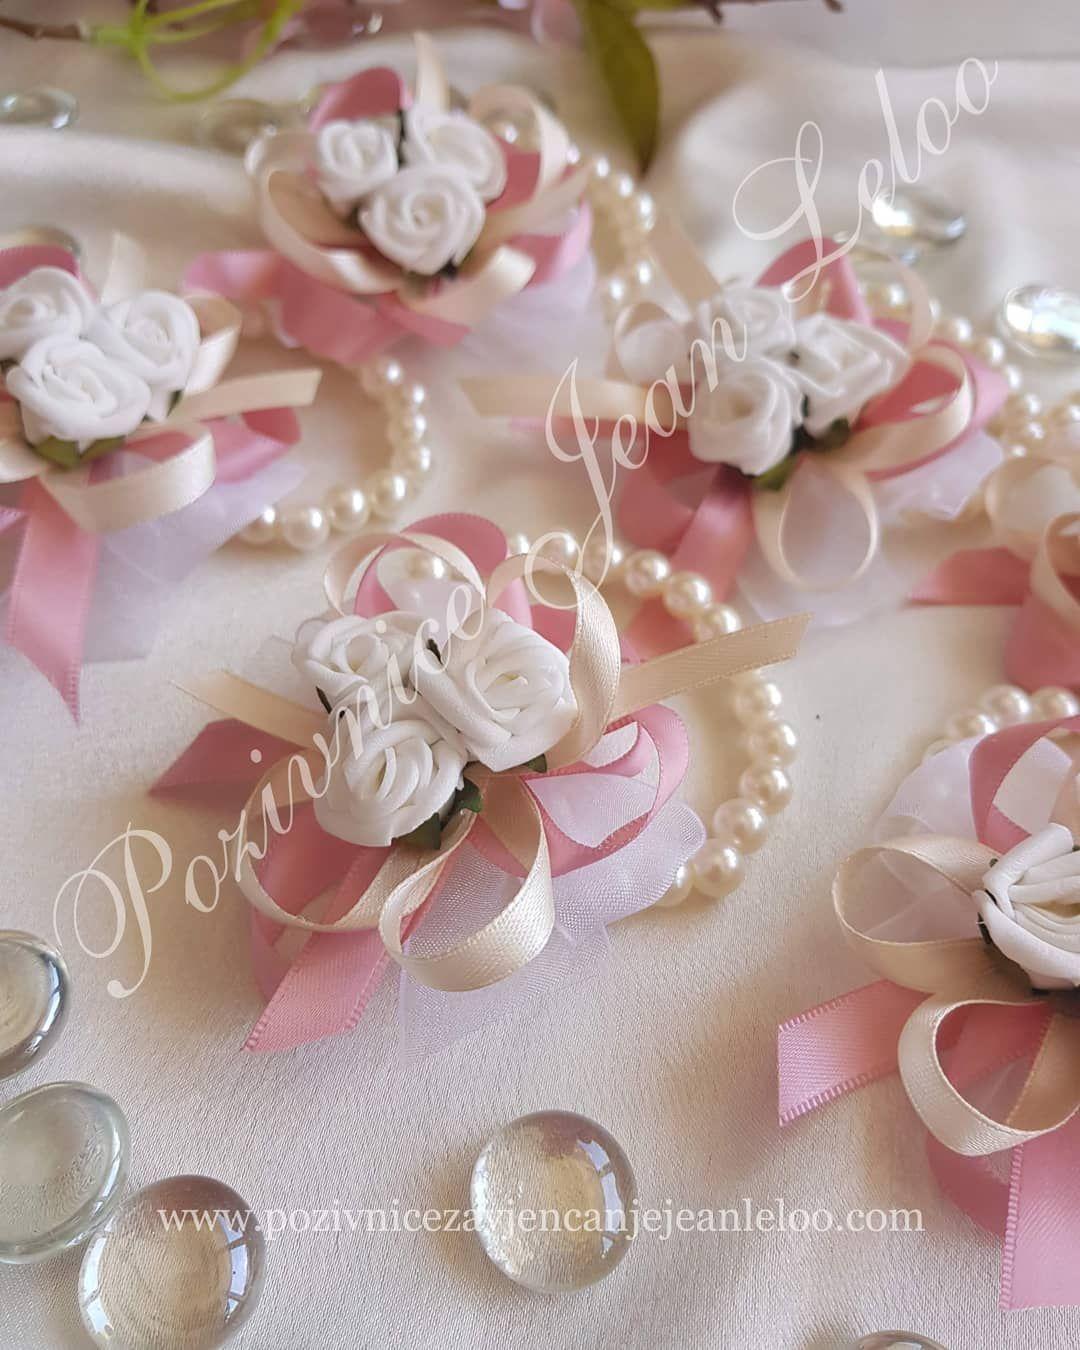 Posebne Narukvice Za Djeveruse Reverizavjencanje Reveri Cvjeticizasvatove Vjencanje Vjencanja Detalji Dekoracije Hoch Wedding Pearl Earrings Jewelry